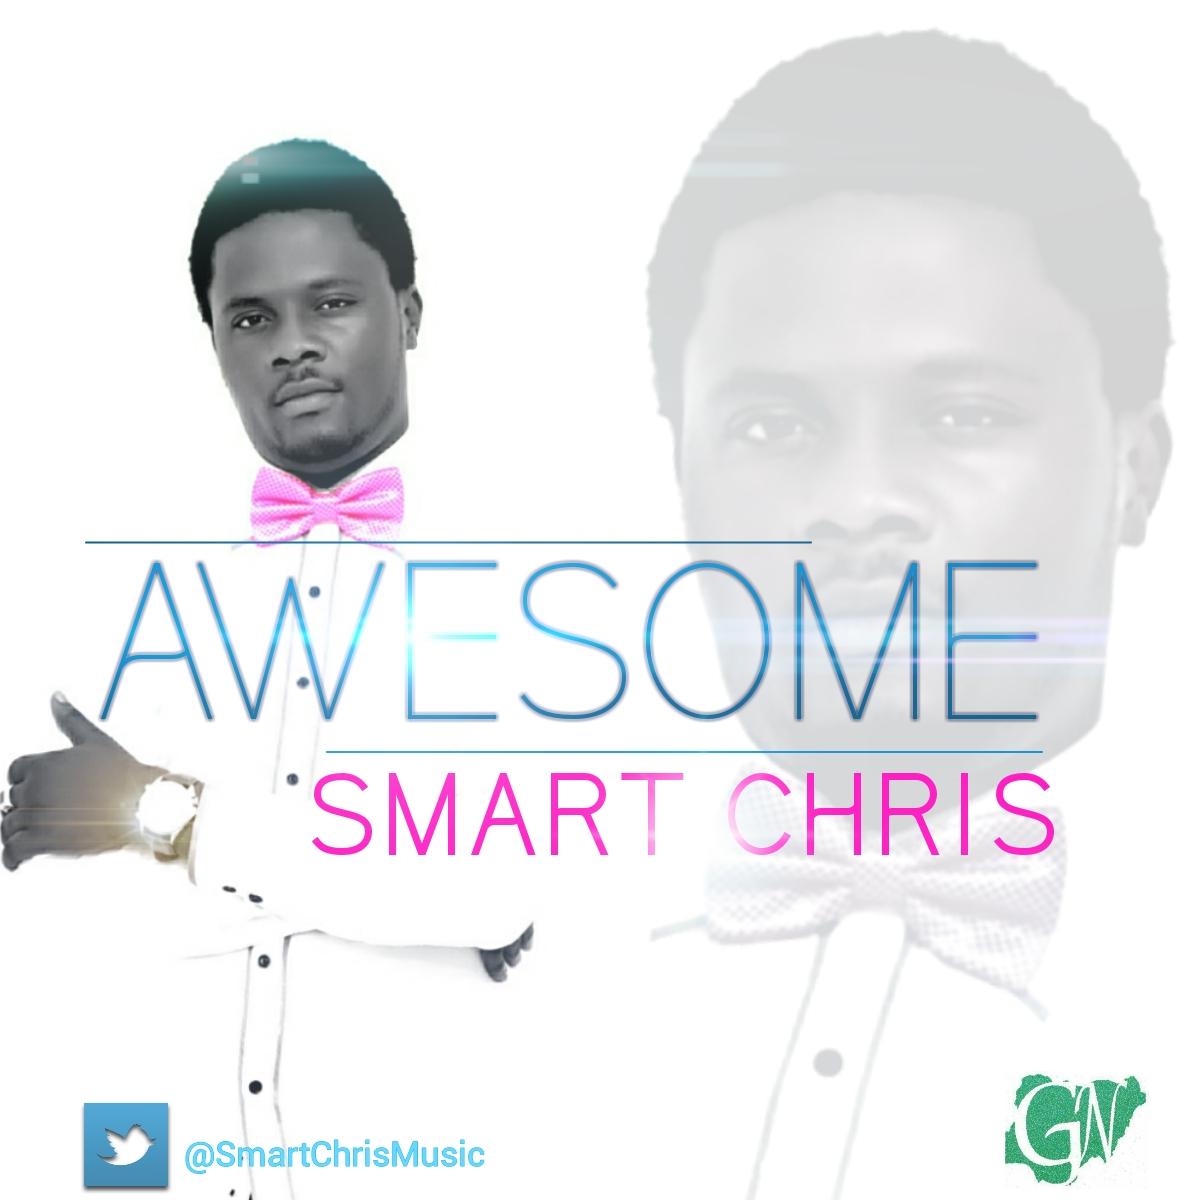 AWESOME GOD - Smart Chris [@SmartChrisMusic]